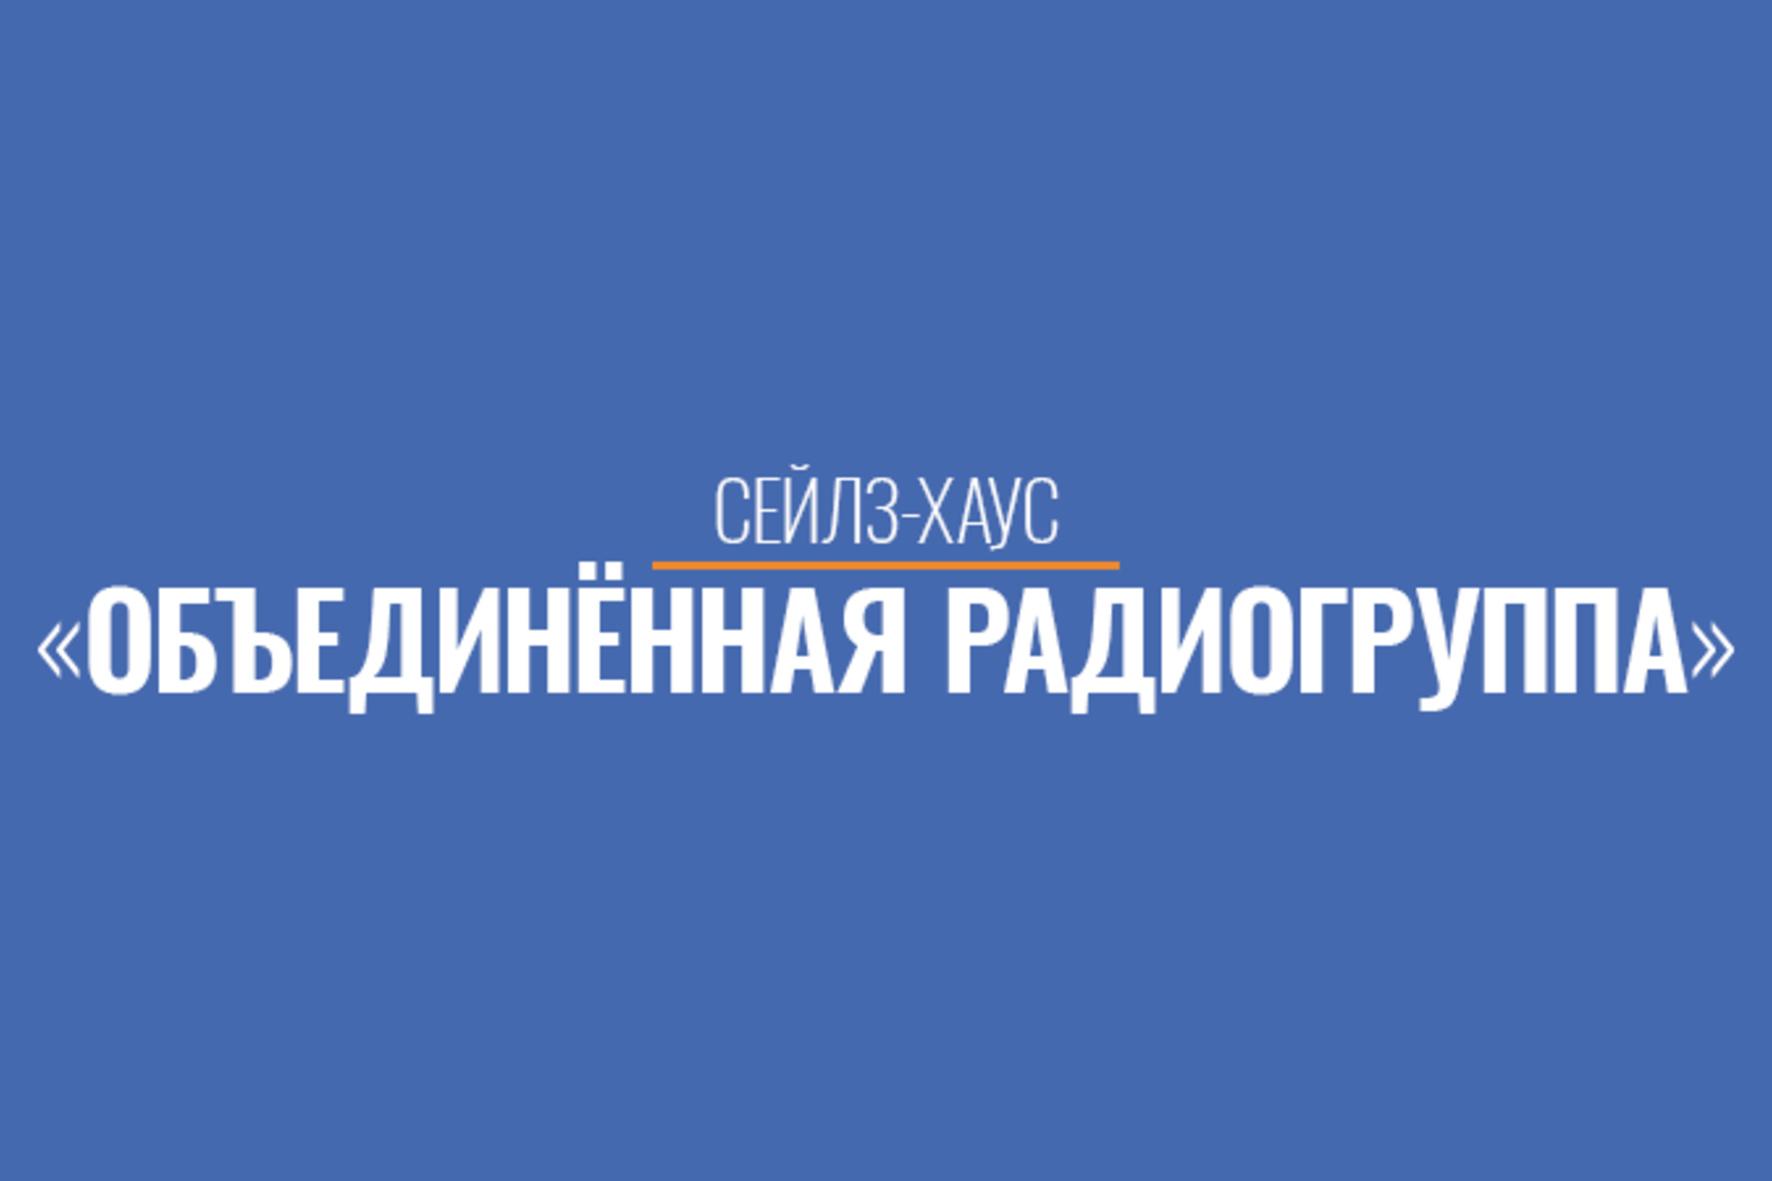 На радиорынок Украины выходит новый сейлз-хаус Объединённая Радиогруппа